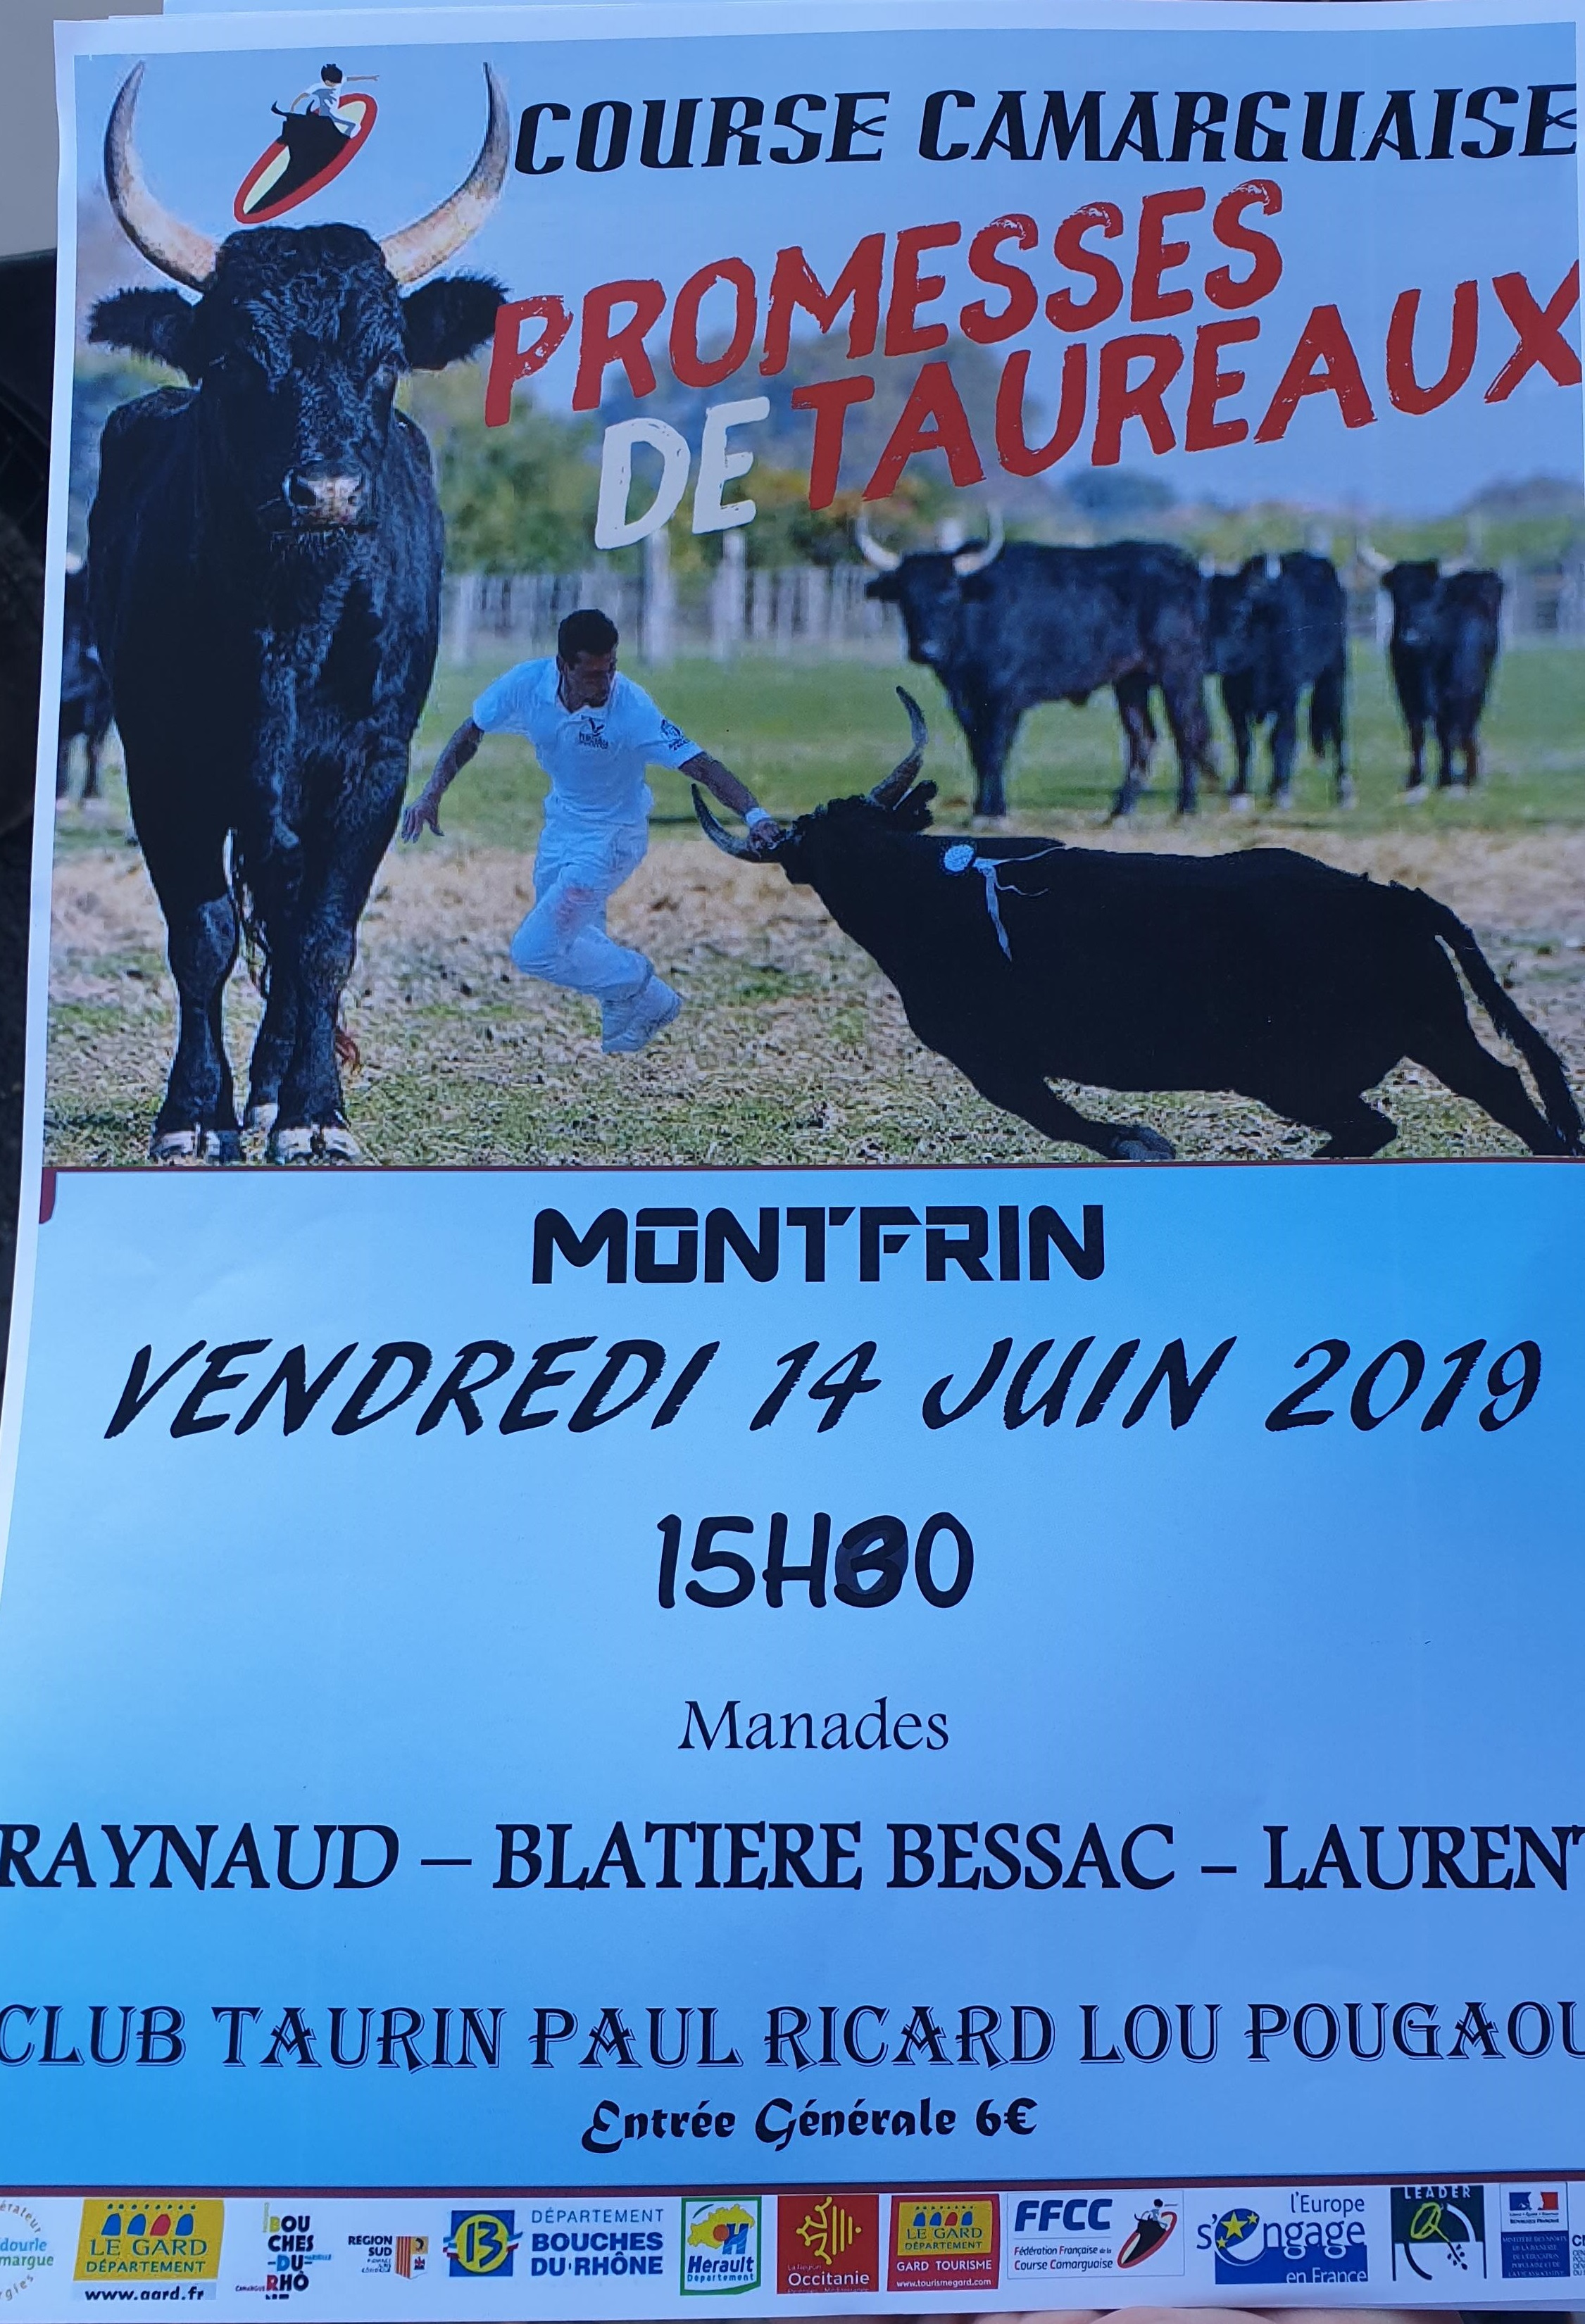 Taureaux jeunes en promotion 2019 Montfrin